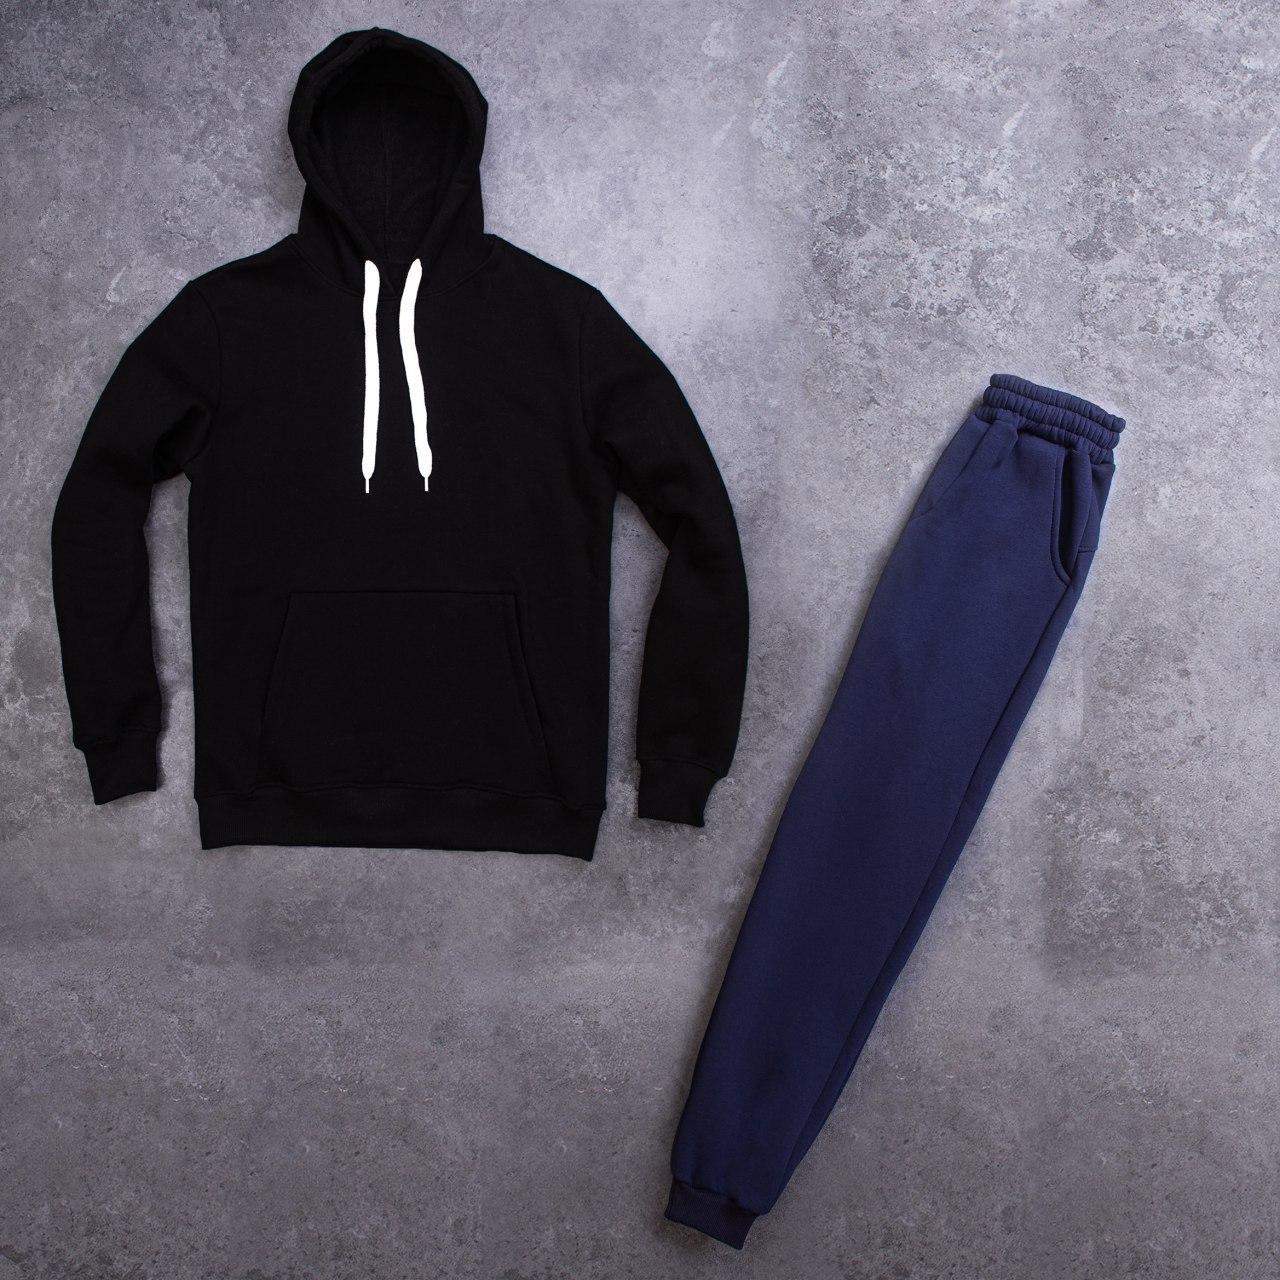 Мужской зимний спортивный костюм 98 Pobedov (черный с синим)